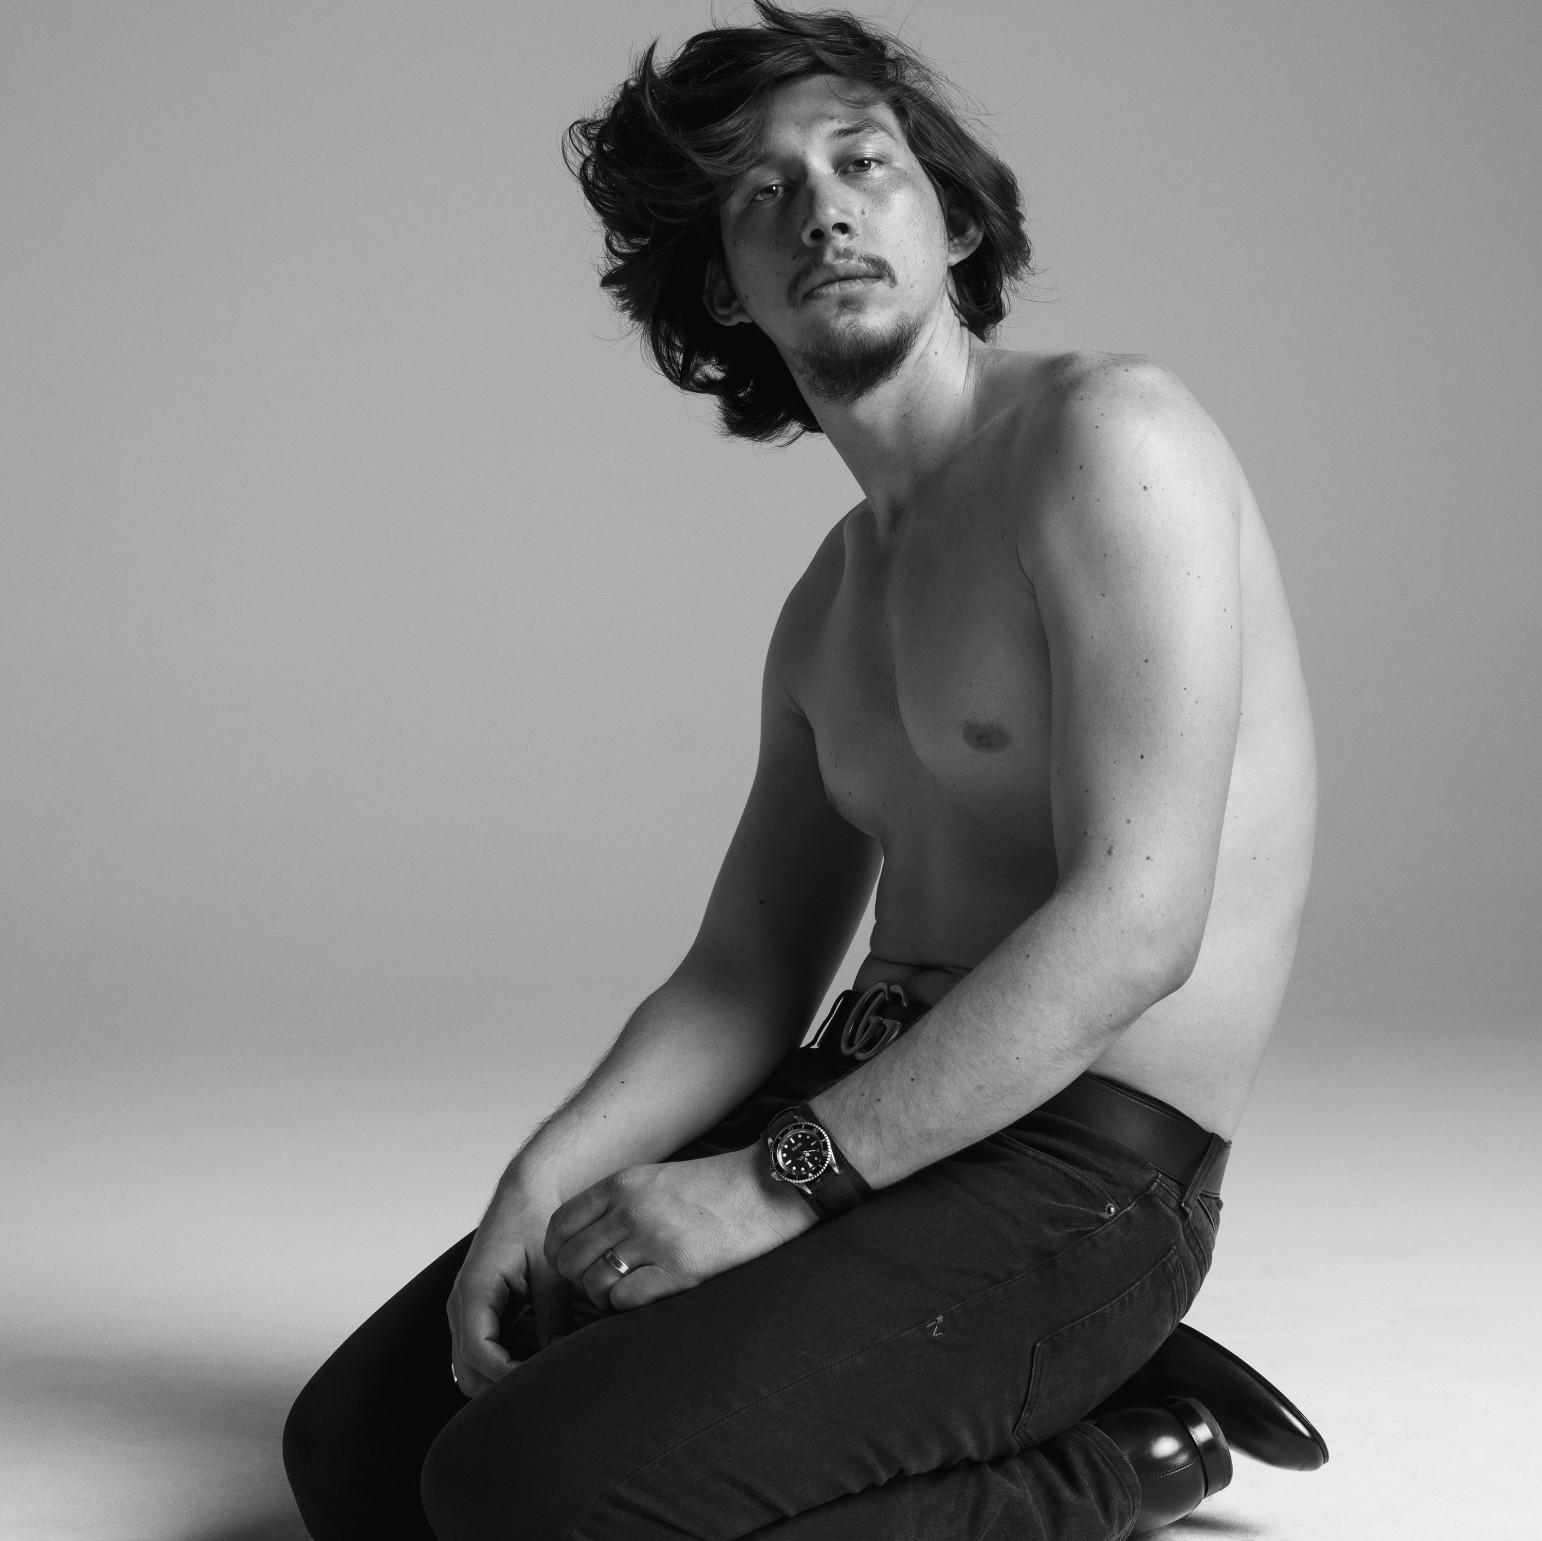 Adam Driver Covers W Magazine, New Royal to Benicio del Toro